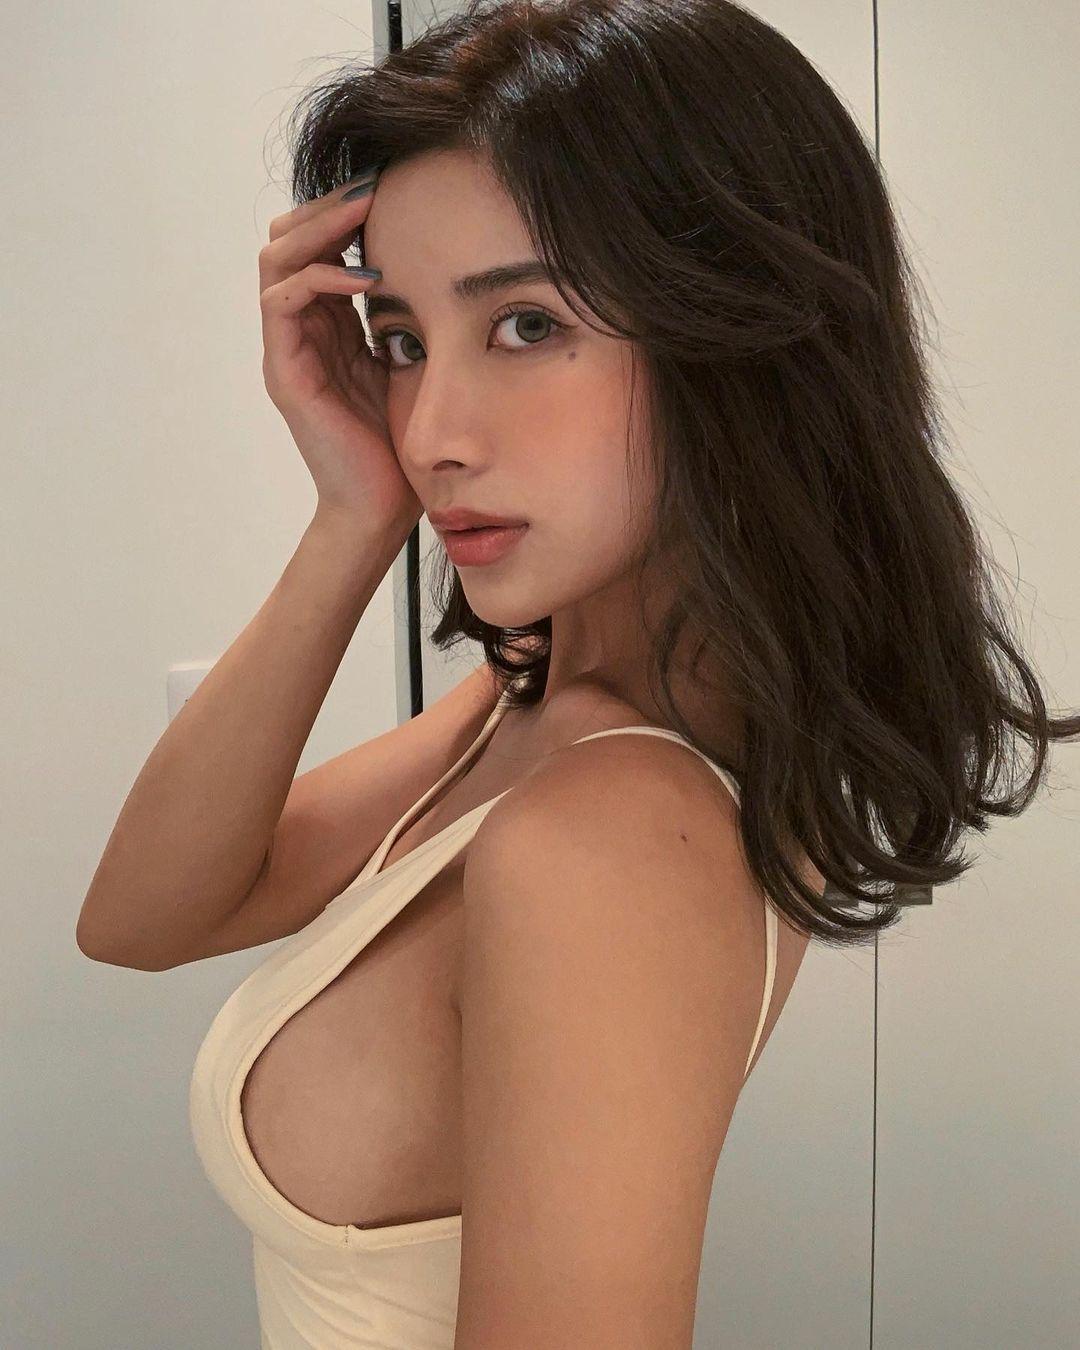 日本大美人MIRIN超高颜值和前凸后翘逆天大长腿